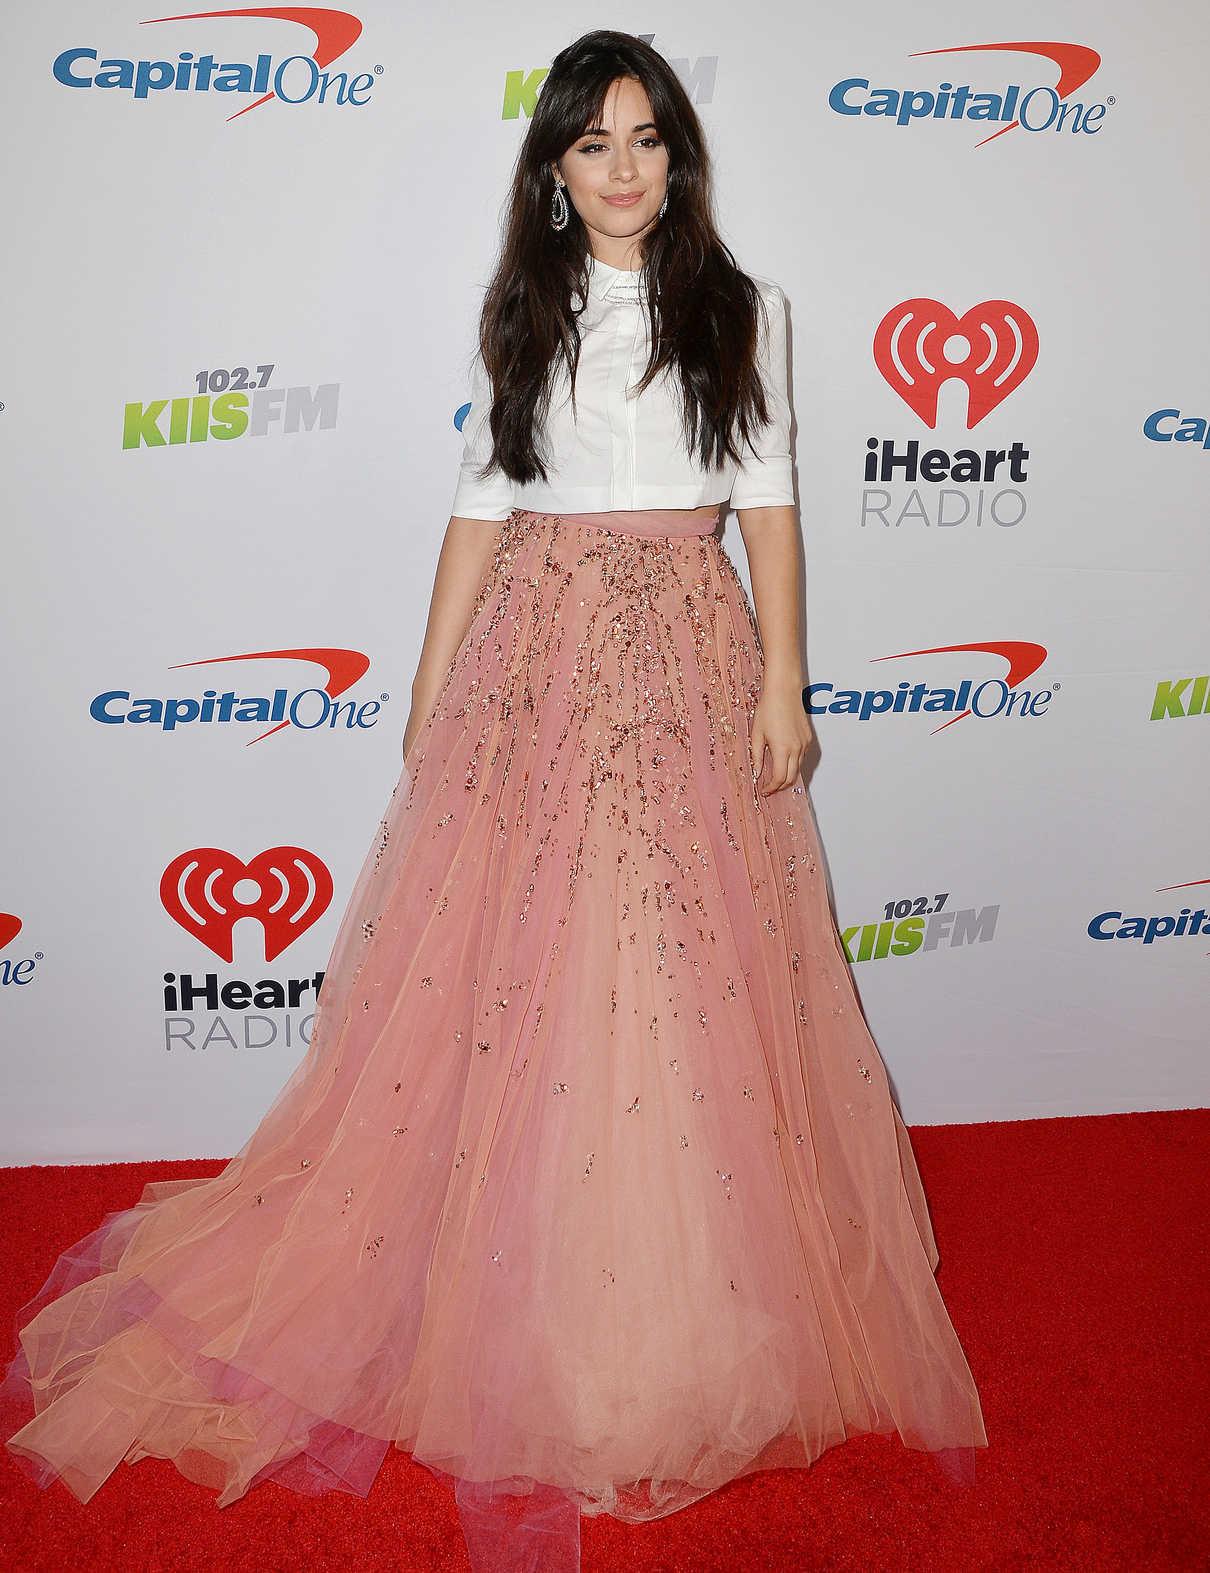 Camila Cabello - Camila Cabello Photos - 102.7 KIIS FM